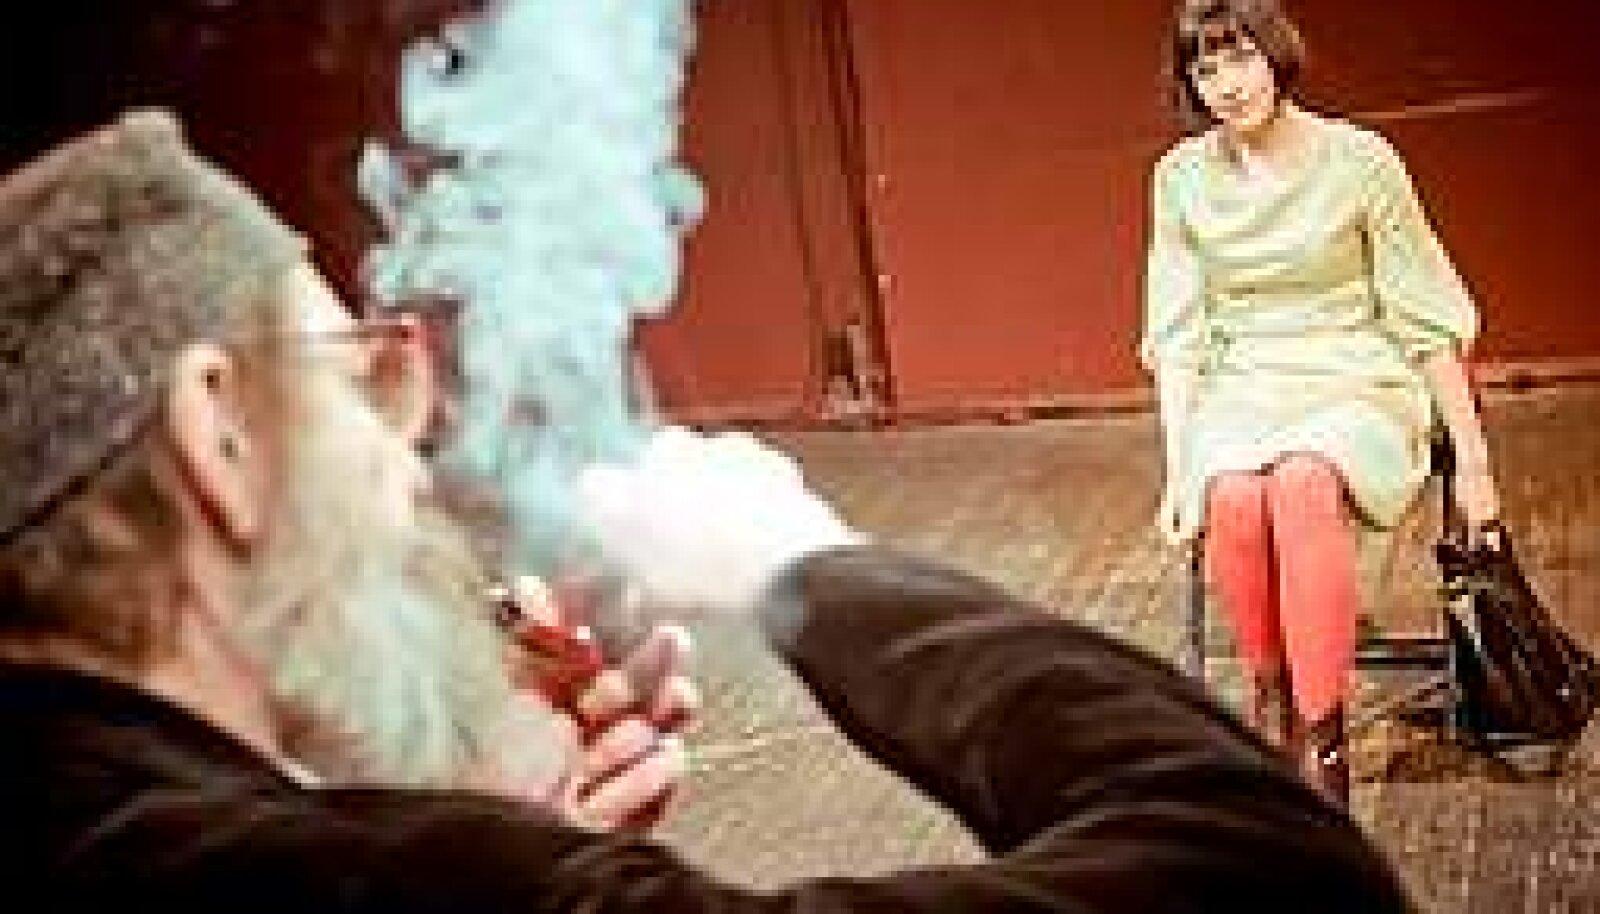 KOLM ÜHES: Laura Peterson, Antigone ja Teatriteadlane. Kokkuvõttes märksa teatraalsem segu kui teater ise. Tartu Uus Teater